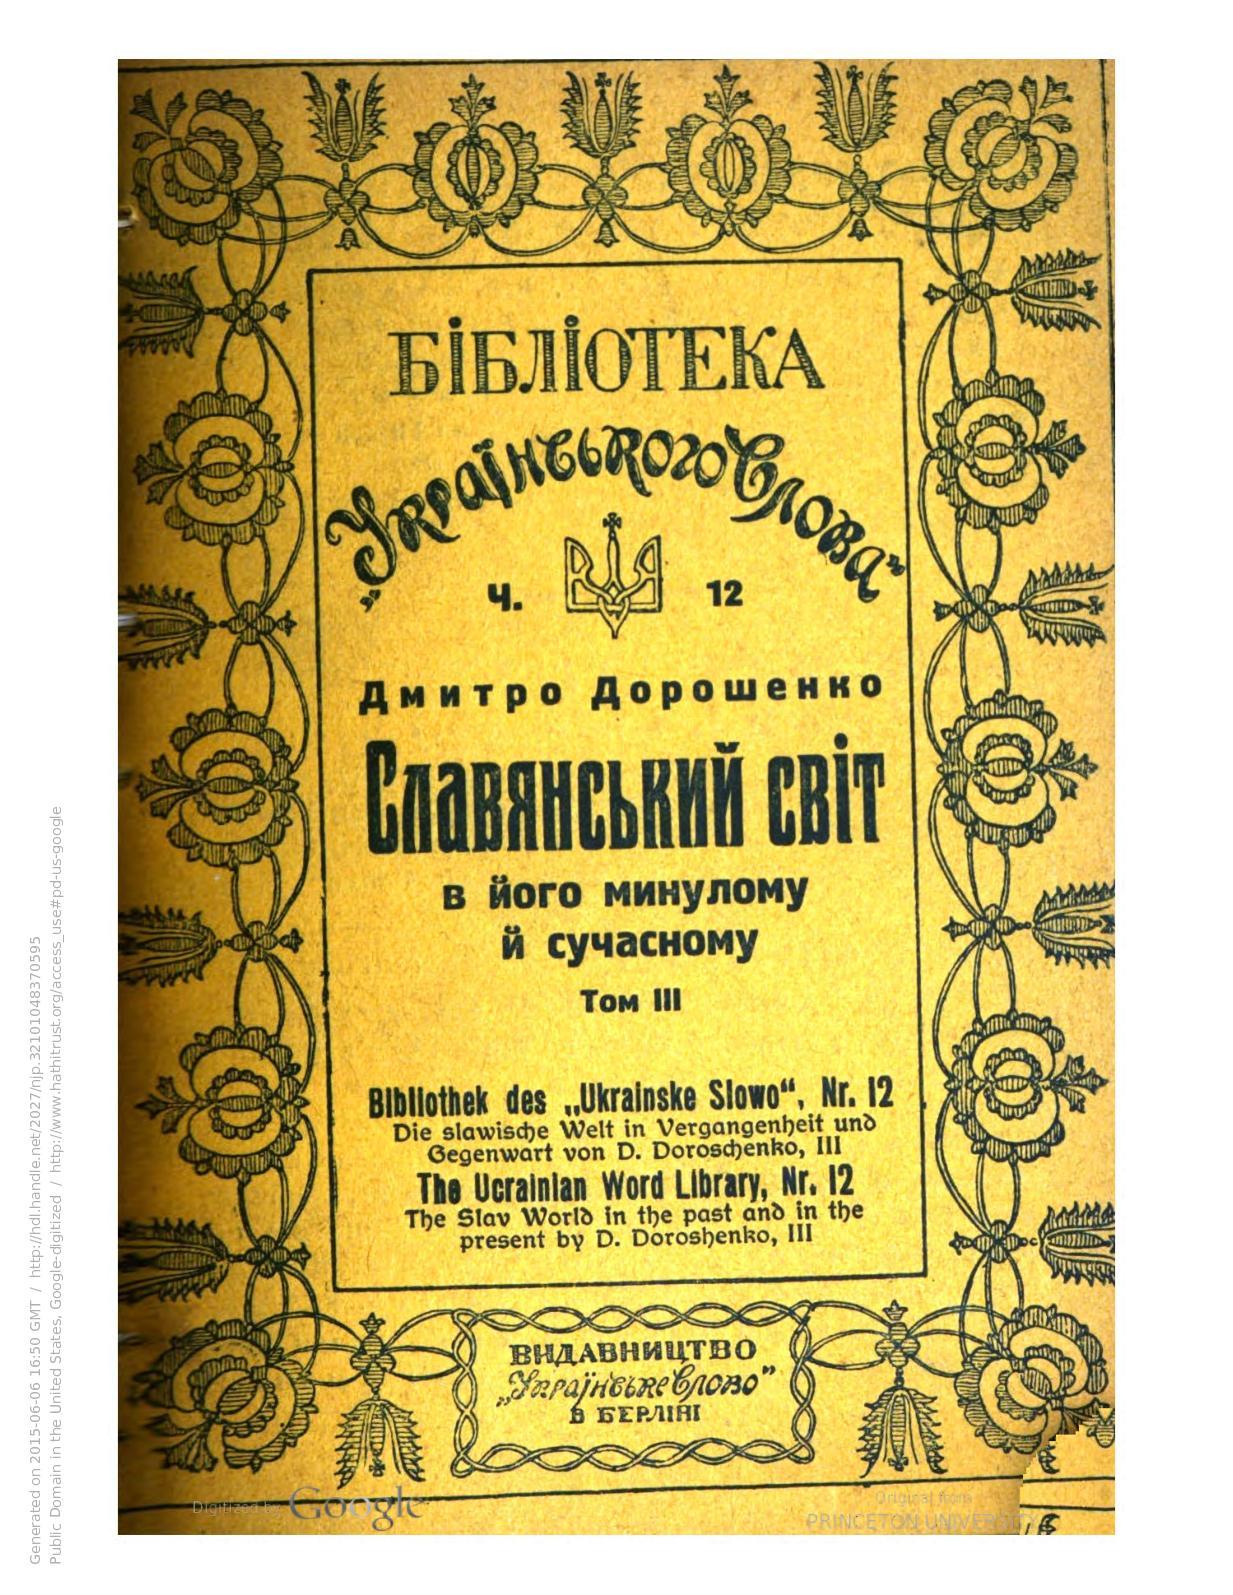 e01a2392a Calaméo - Дорошенко Д. Славянський світ в його минулому й сучасному. Том 3